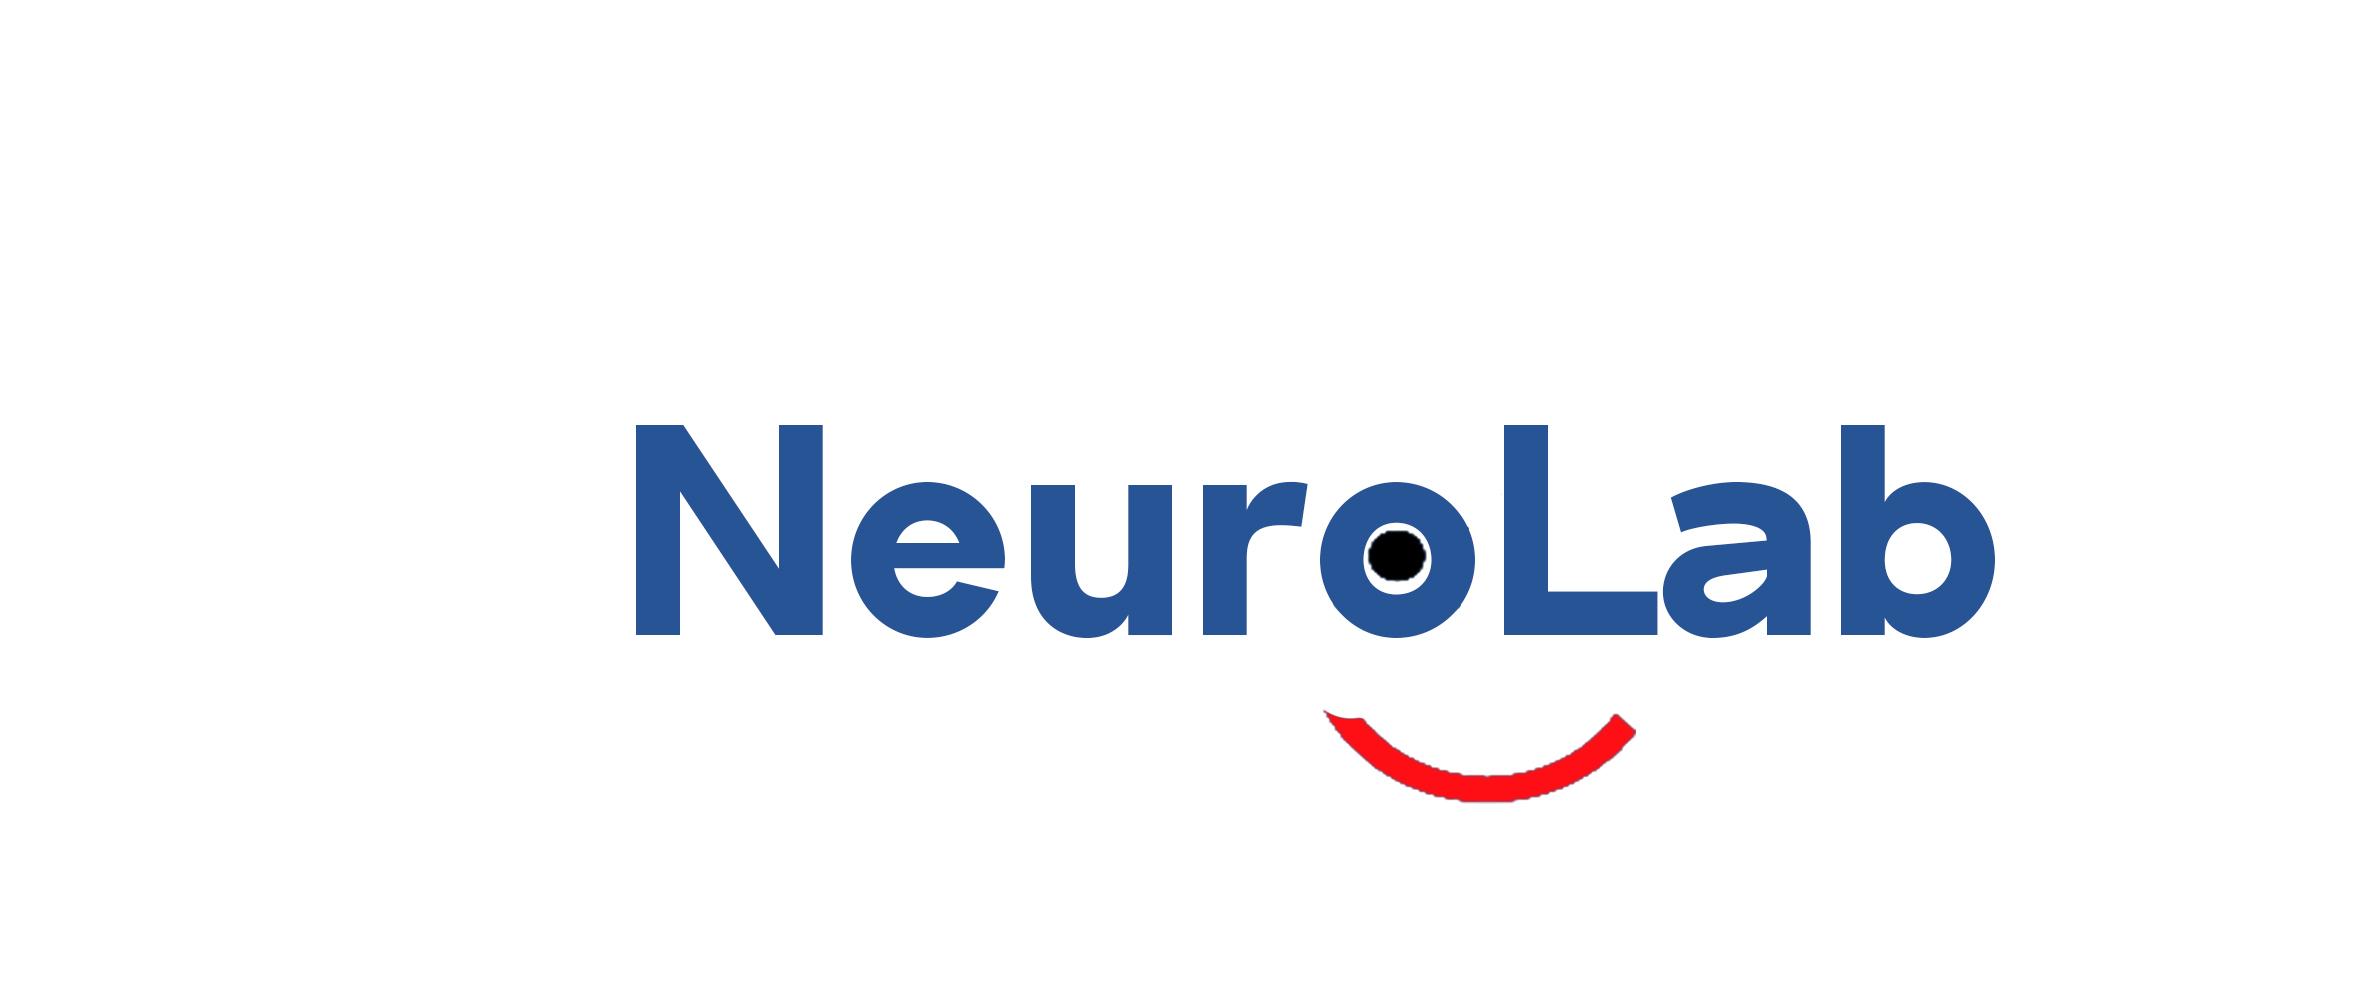 Логотип для лаборатории исследования эмоционального отклика  фото f_9925ffec1b92f8df.jpg